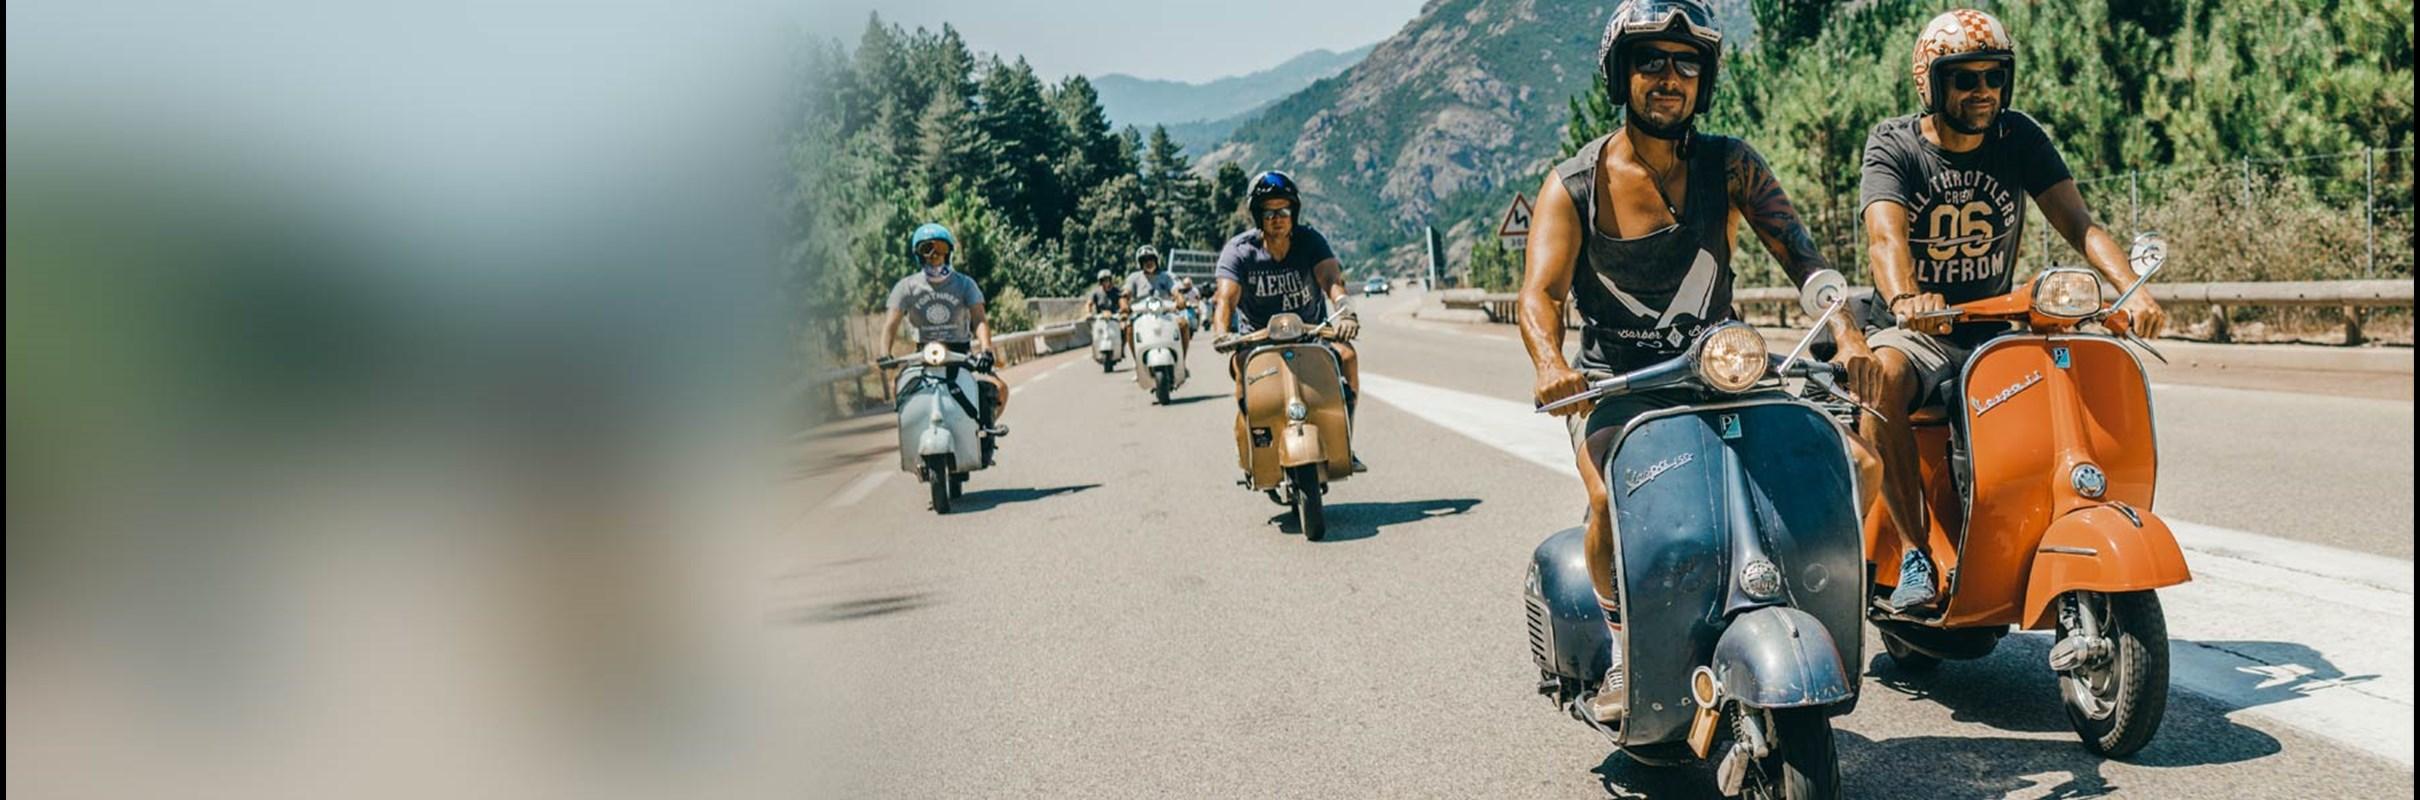 Vespa Roadtrip Corsica 2020